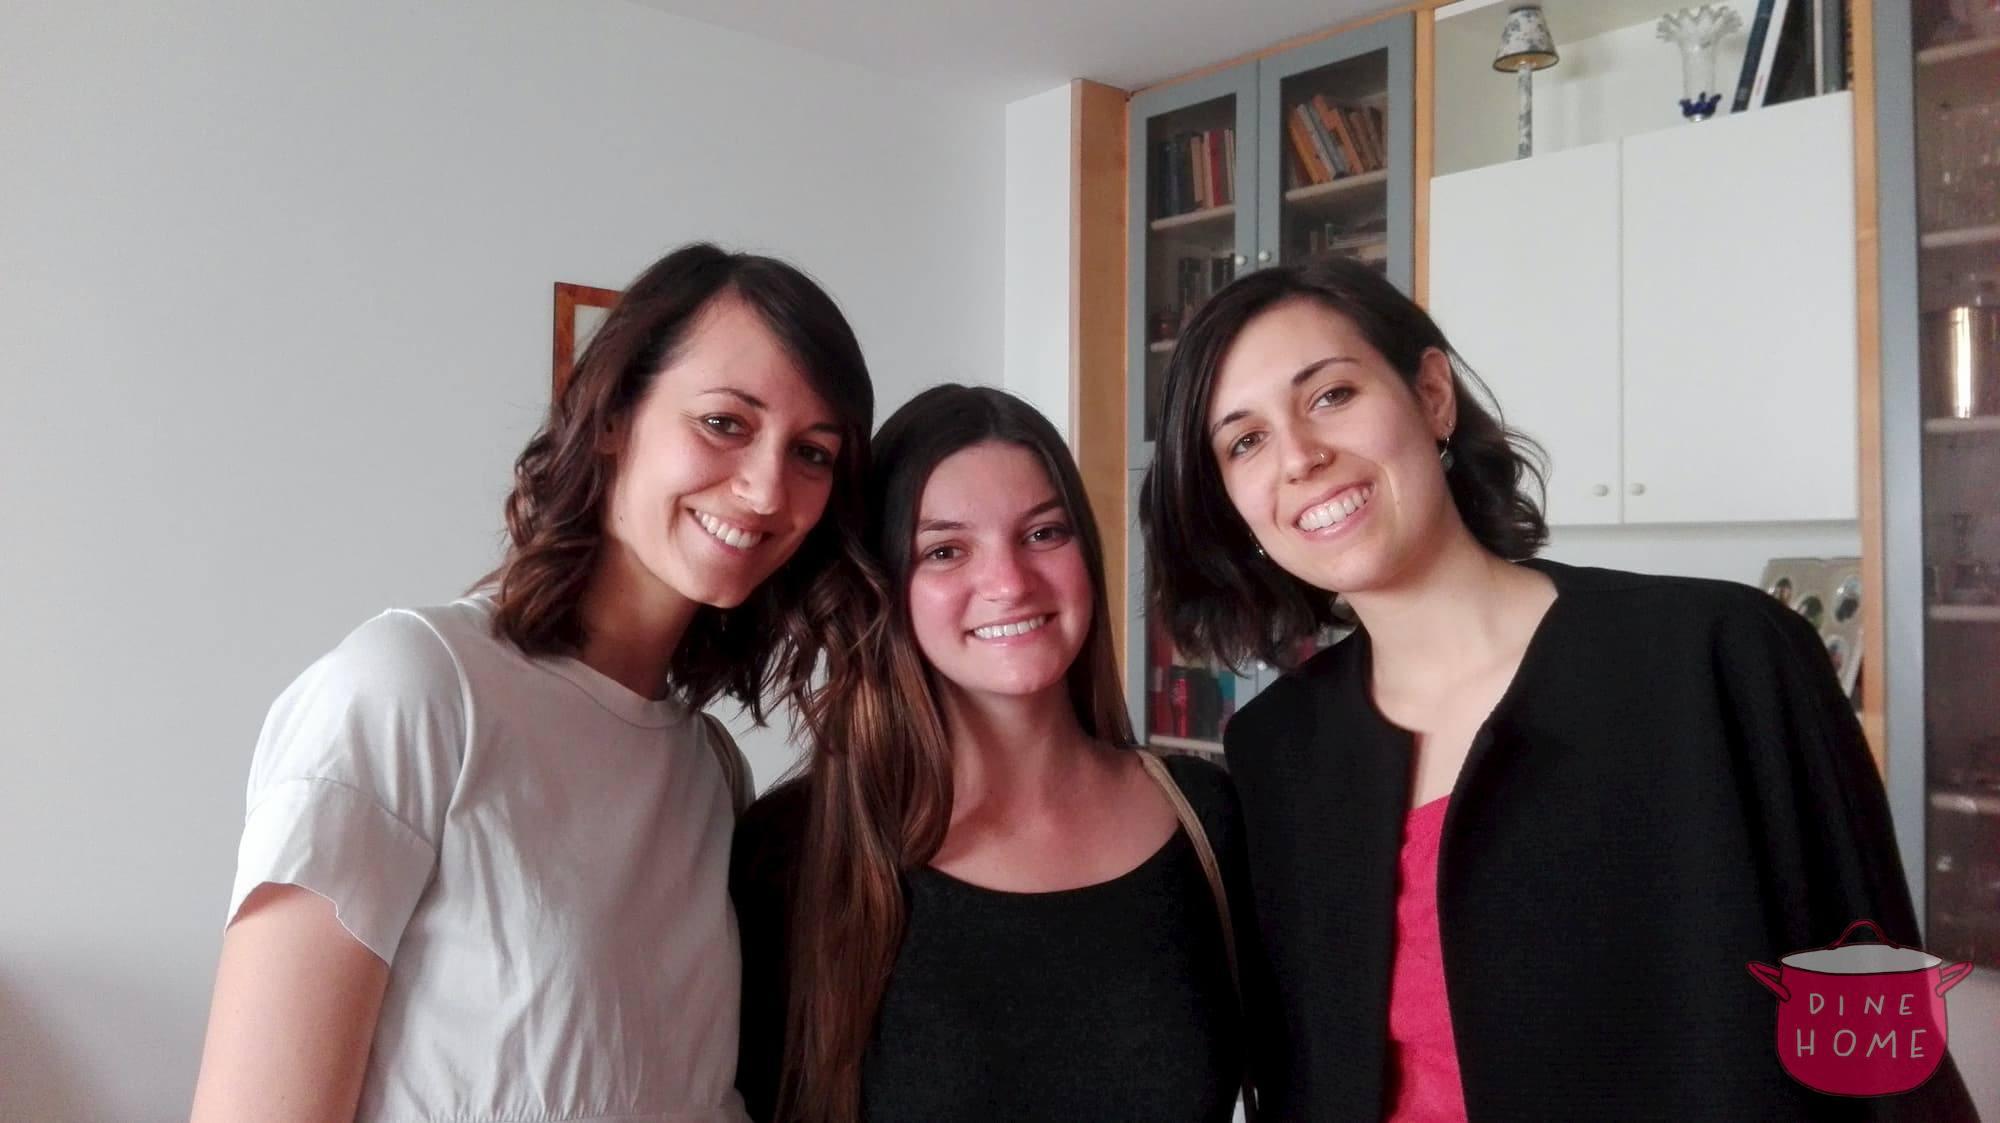 Mariana, studentessa dal Portogallo, a cena dalla sua famiglia Dinehome.